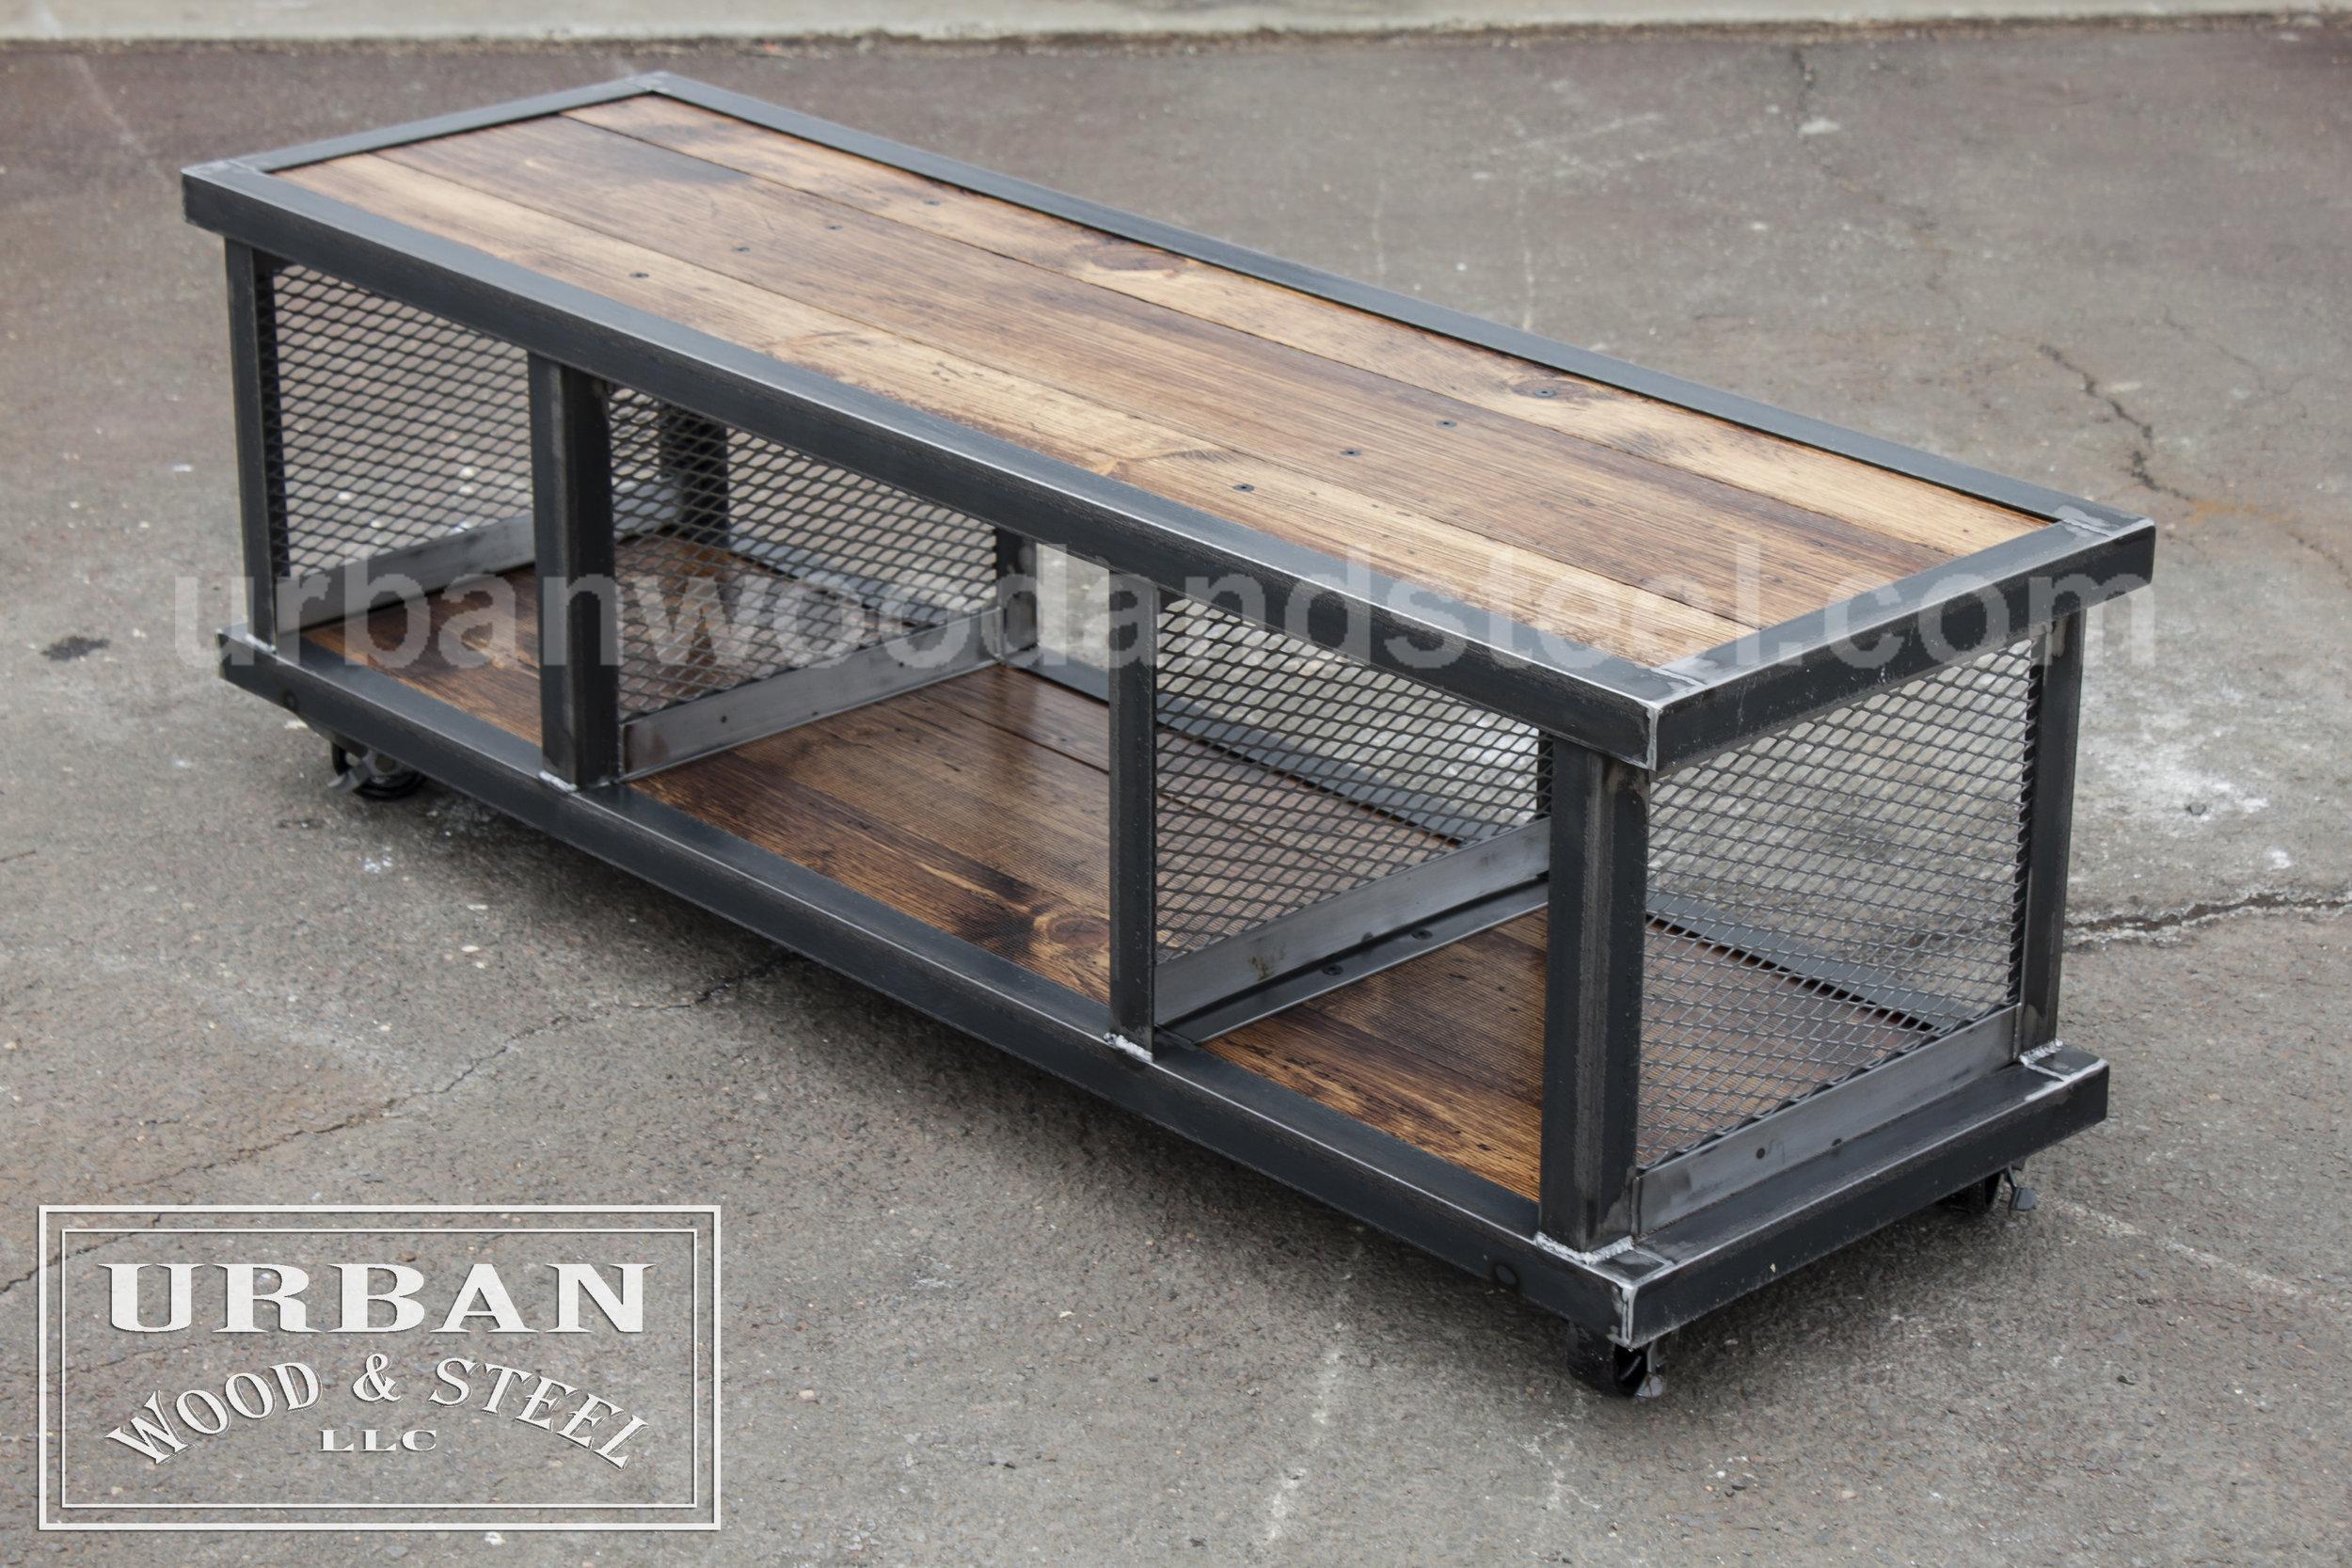 Copley Urban Coffee Table Wood Steel Llc